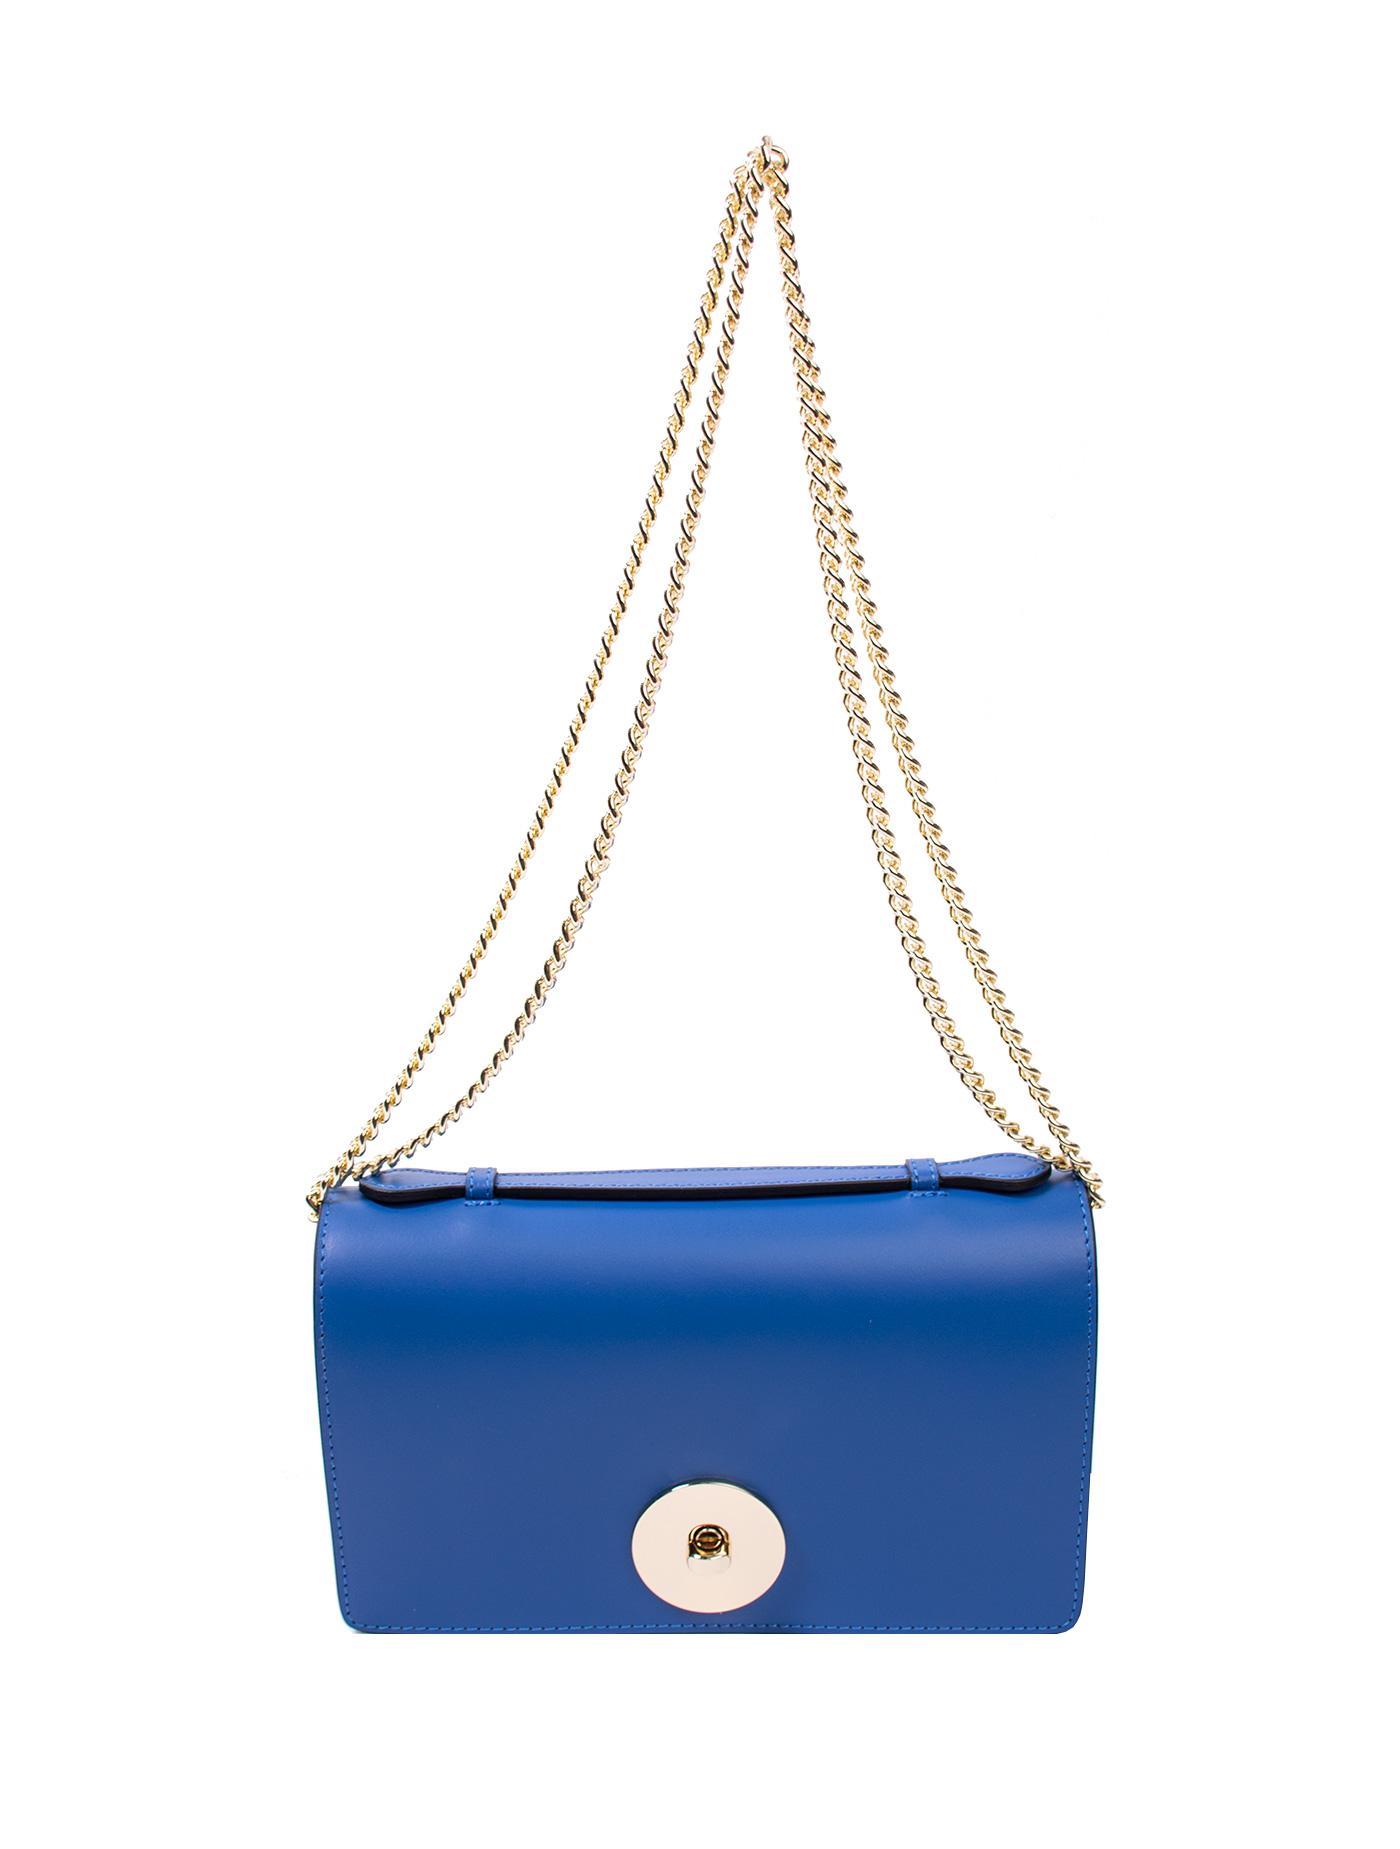 Bags and more Florenza Király Kék Női Bőr Oldaltáska